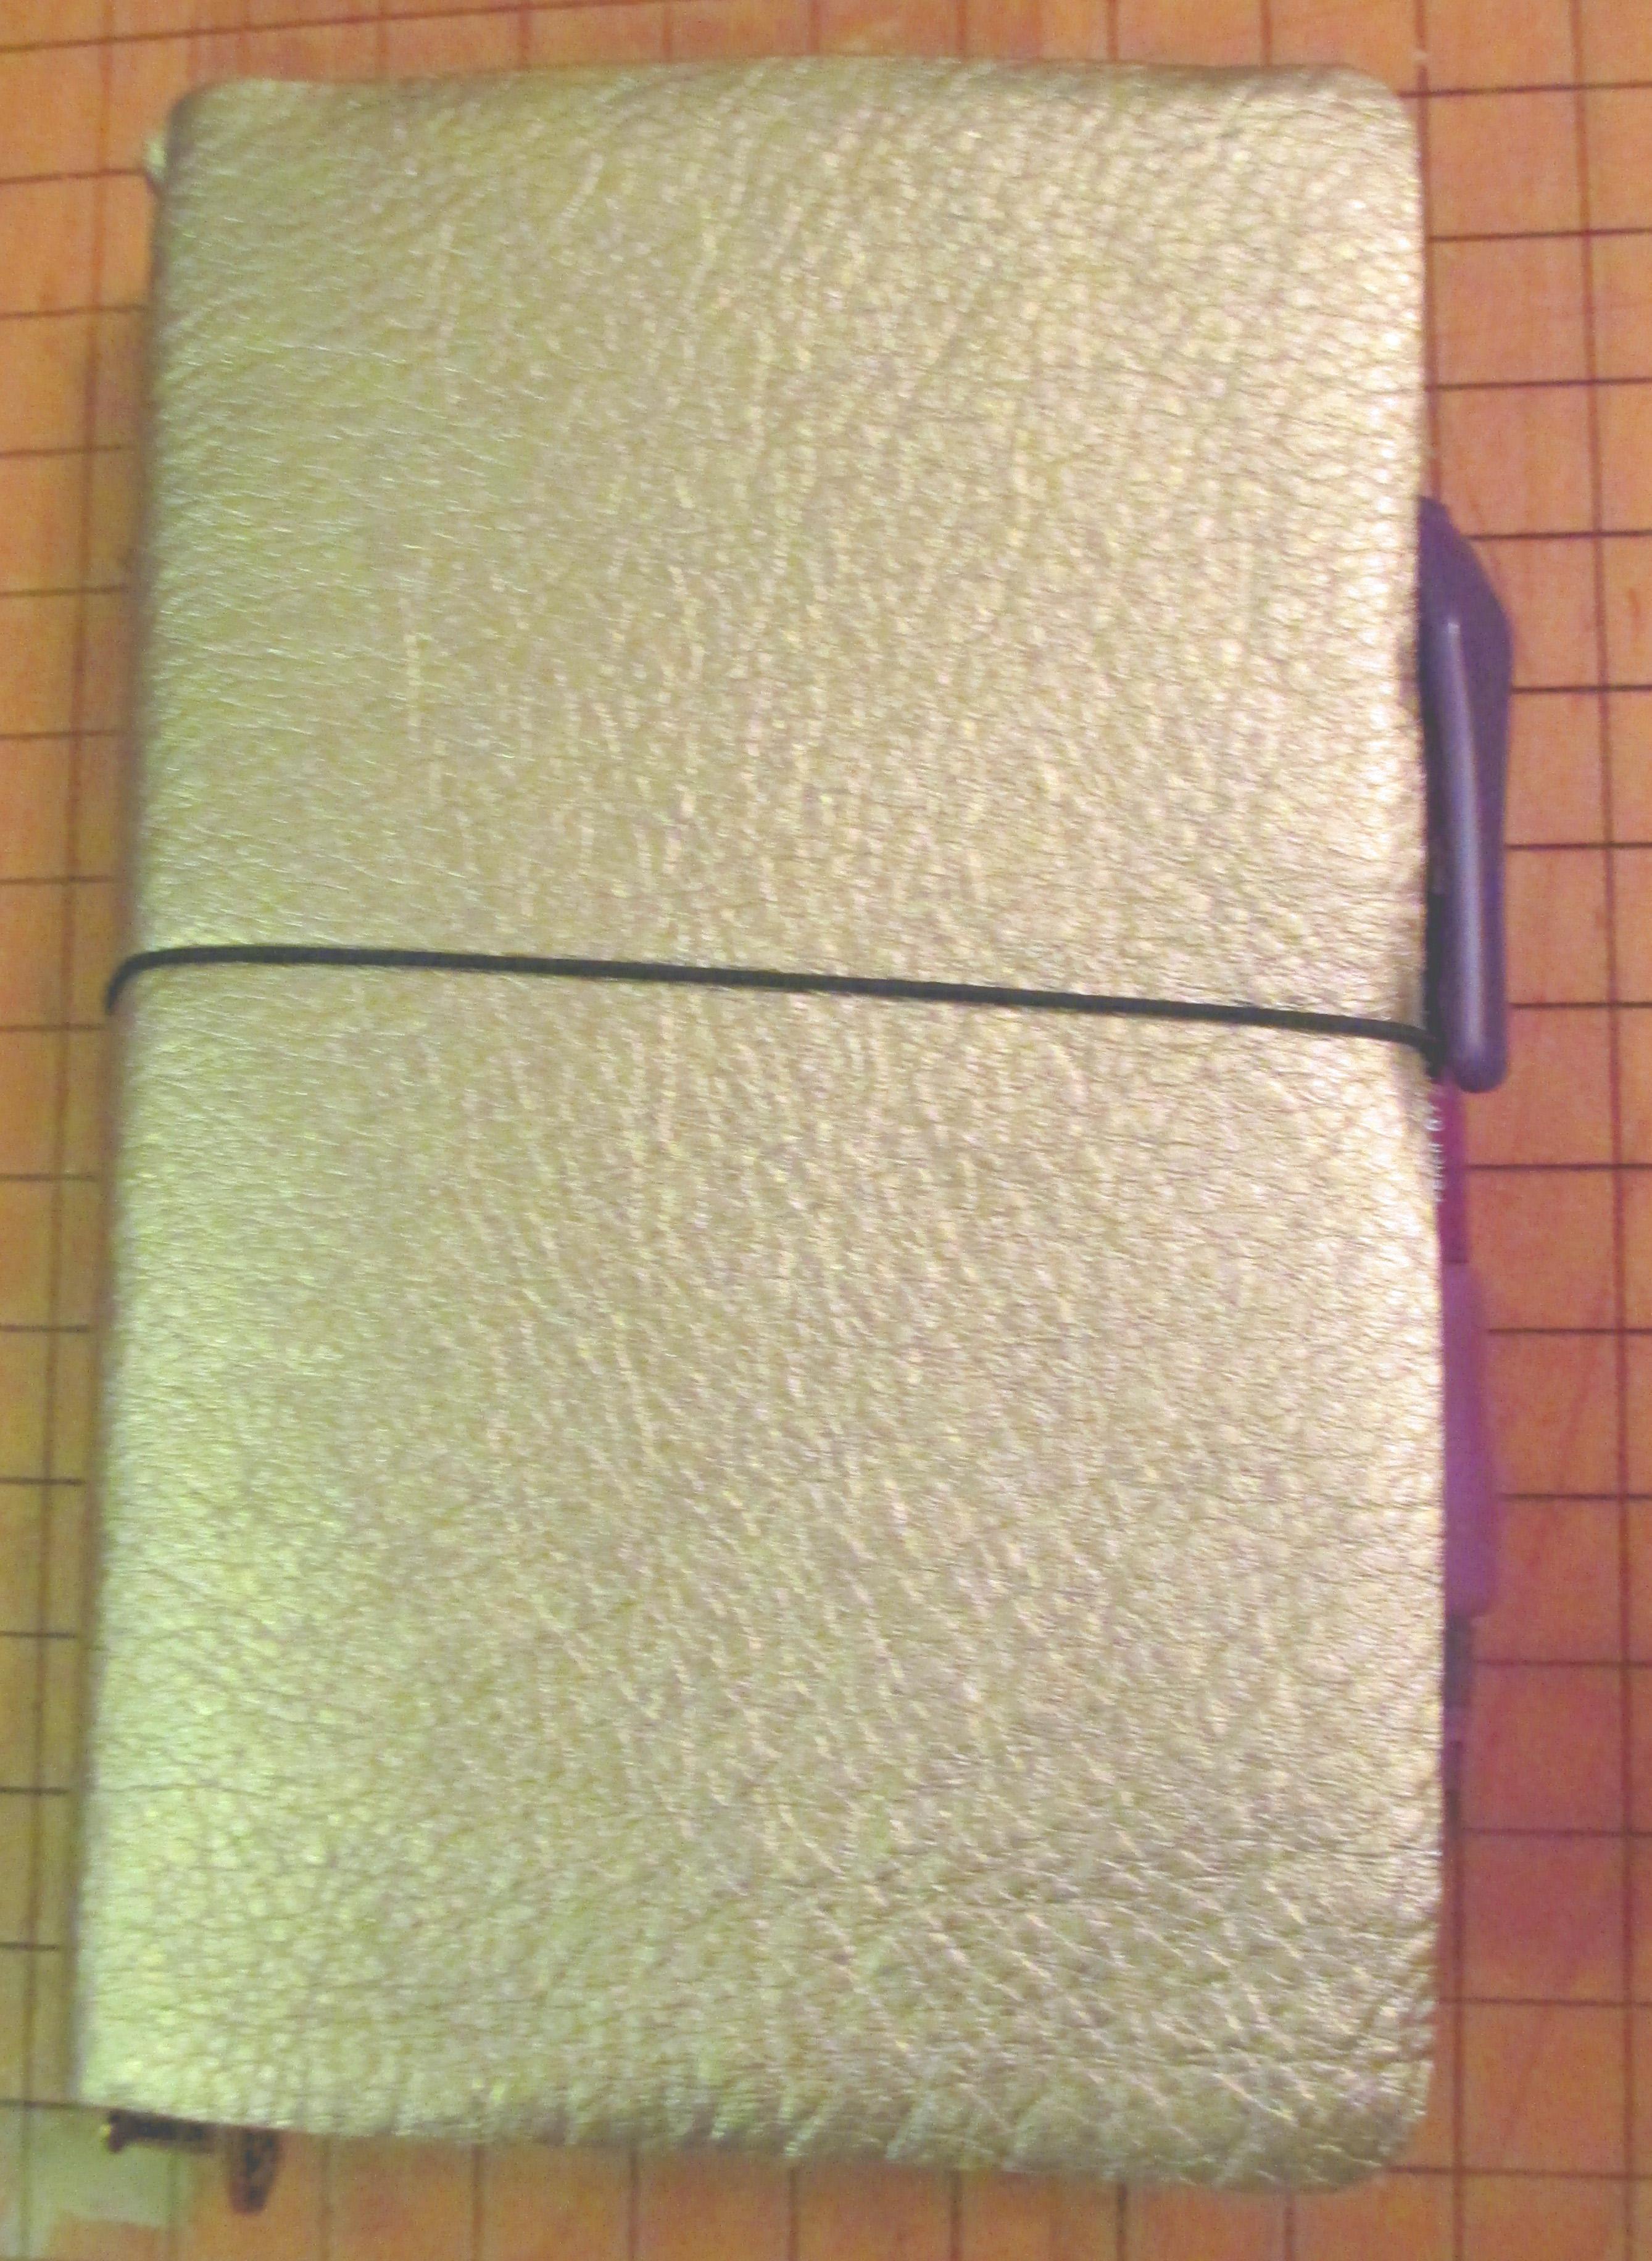 Xl Moleskine Notebook Fauxdori